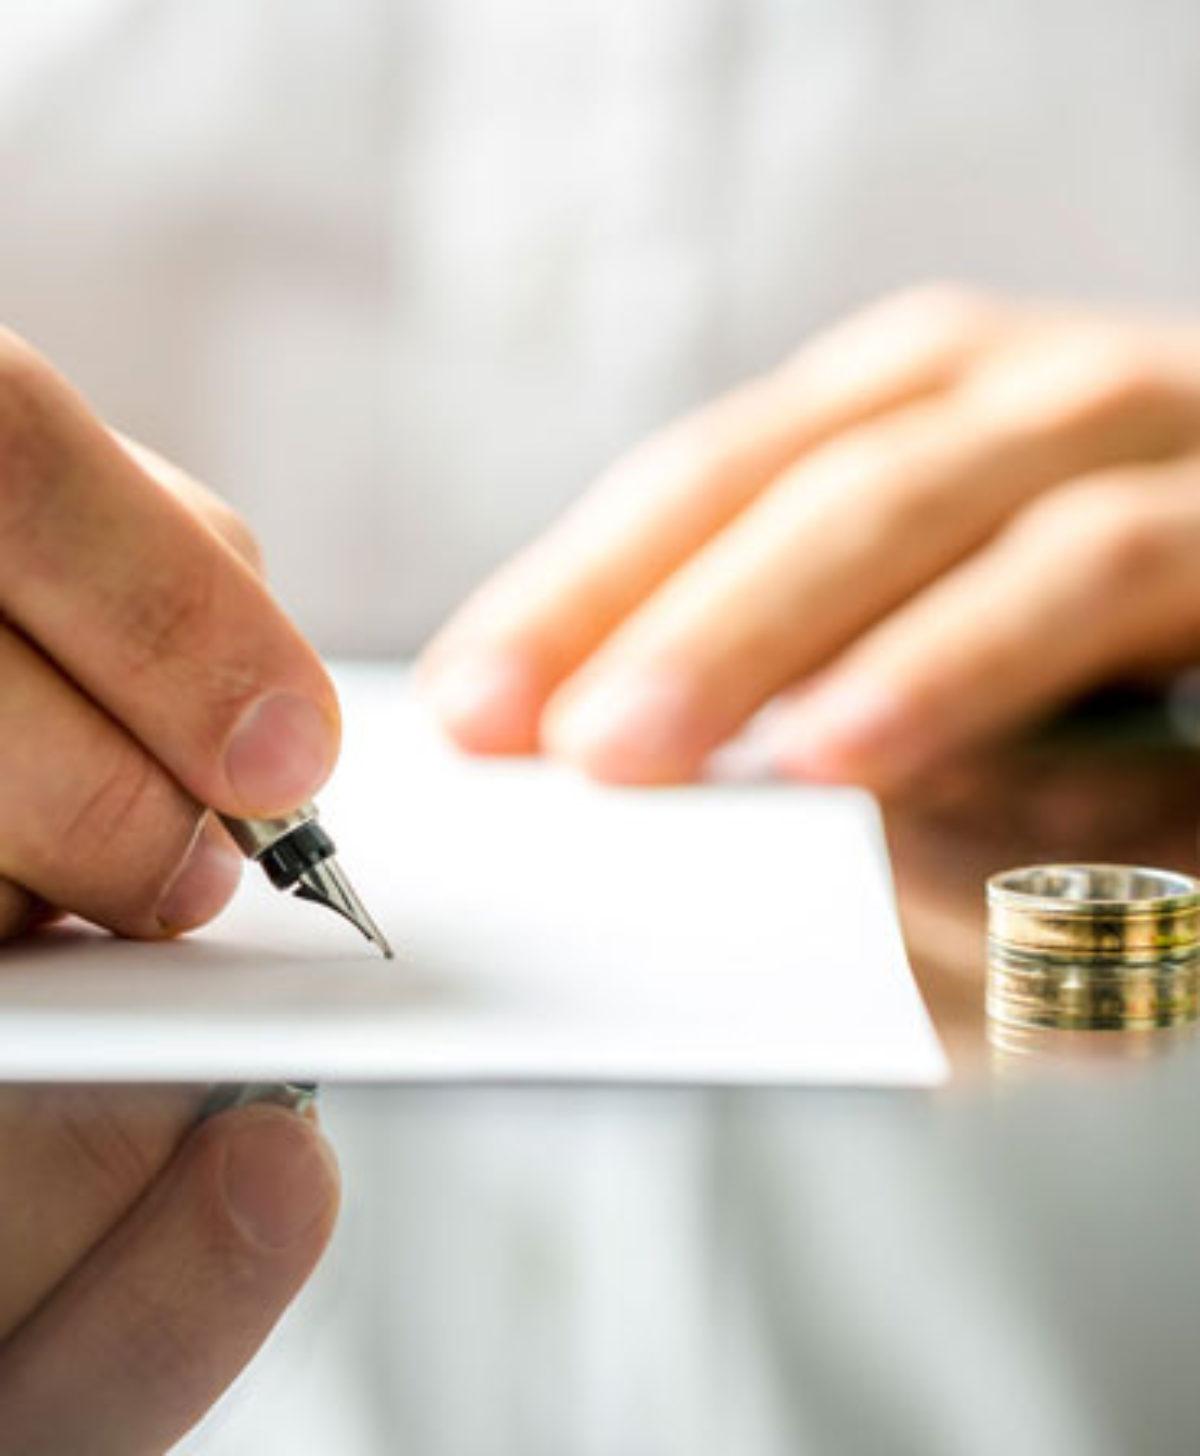 Divorţul la notarul public. Părţile pot fi asistate de avocat